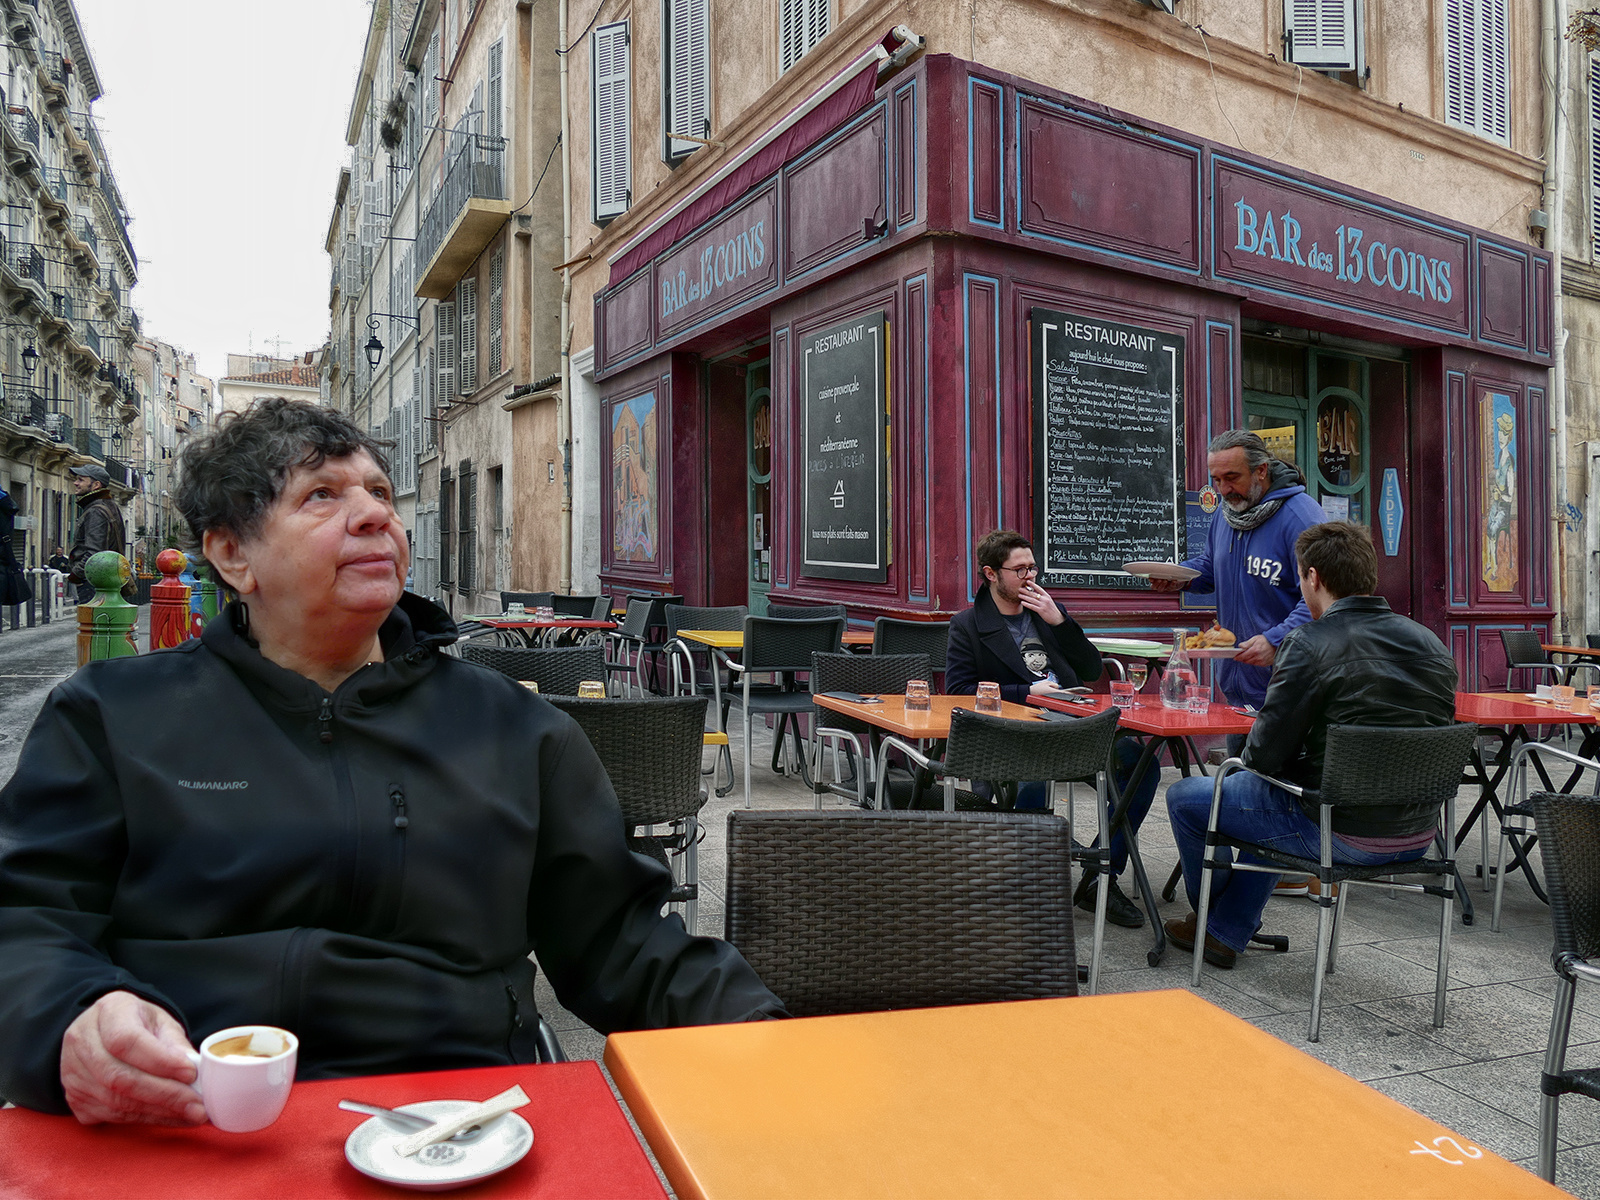 Costa - Marseille - Bar des 13 coins